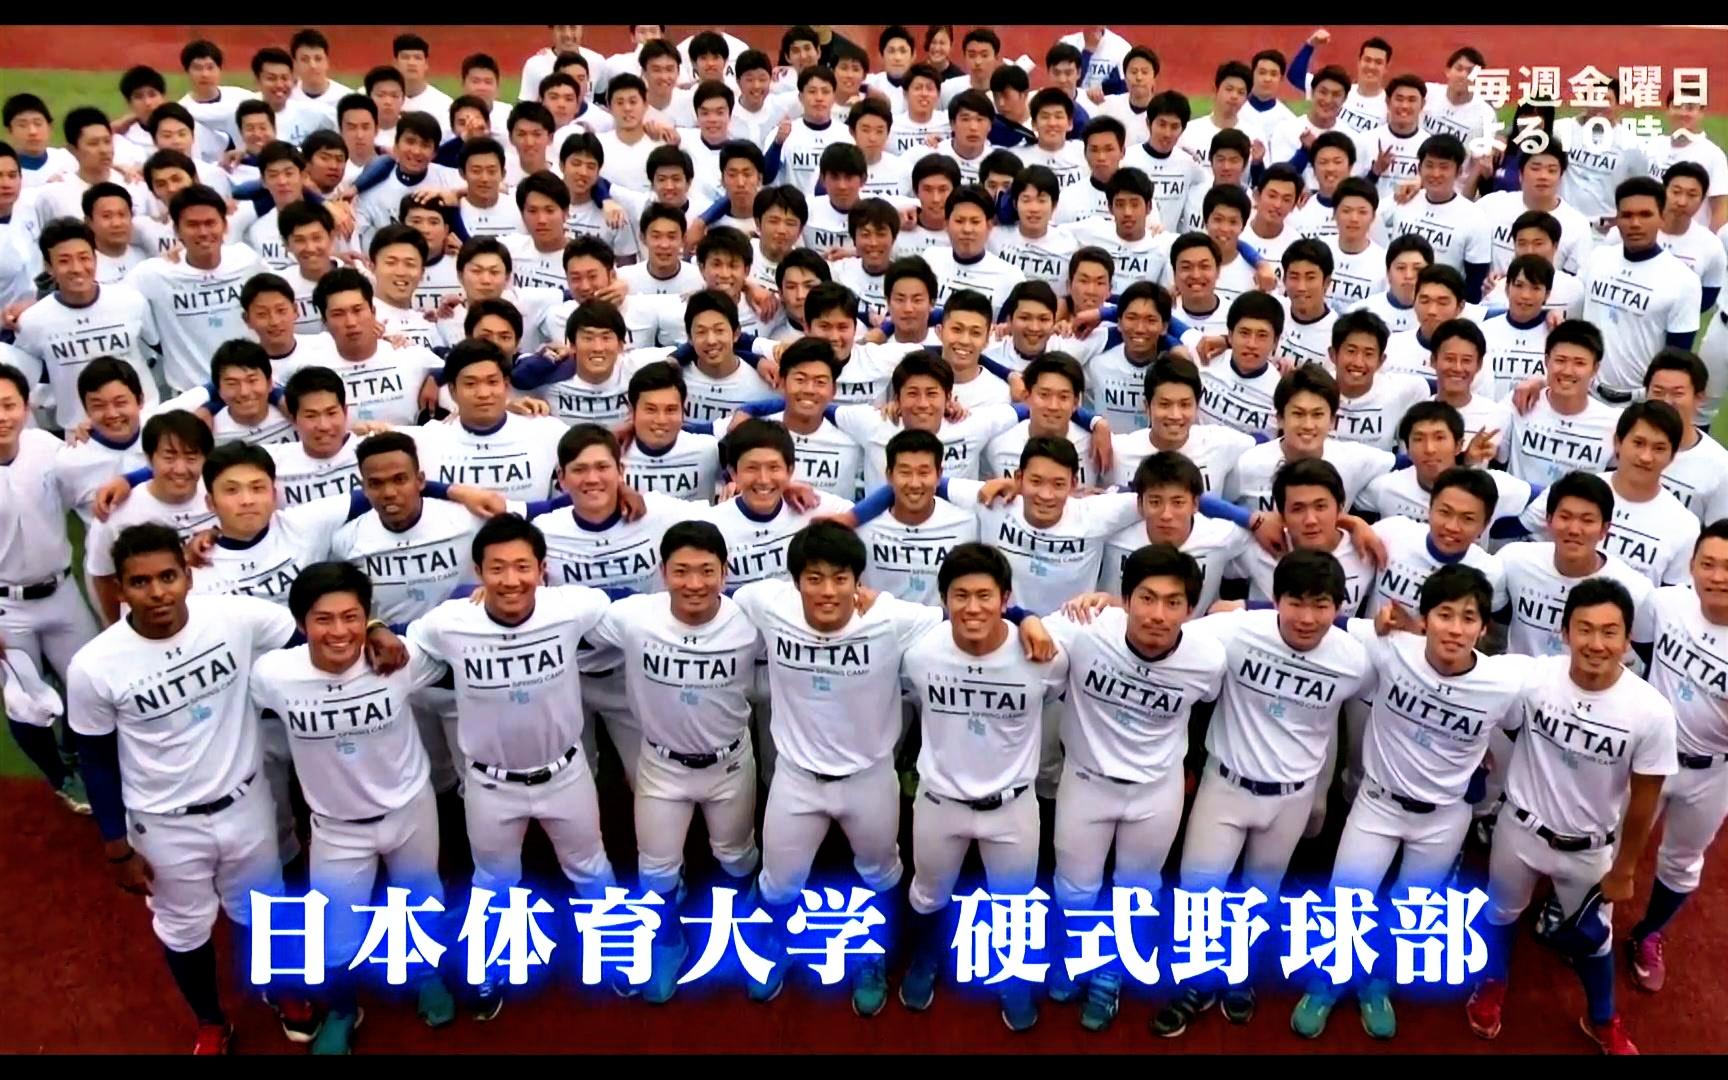 大学 野球